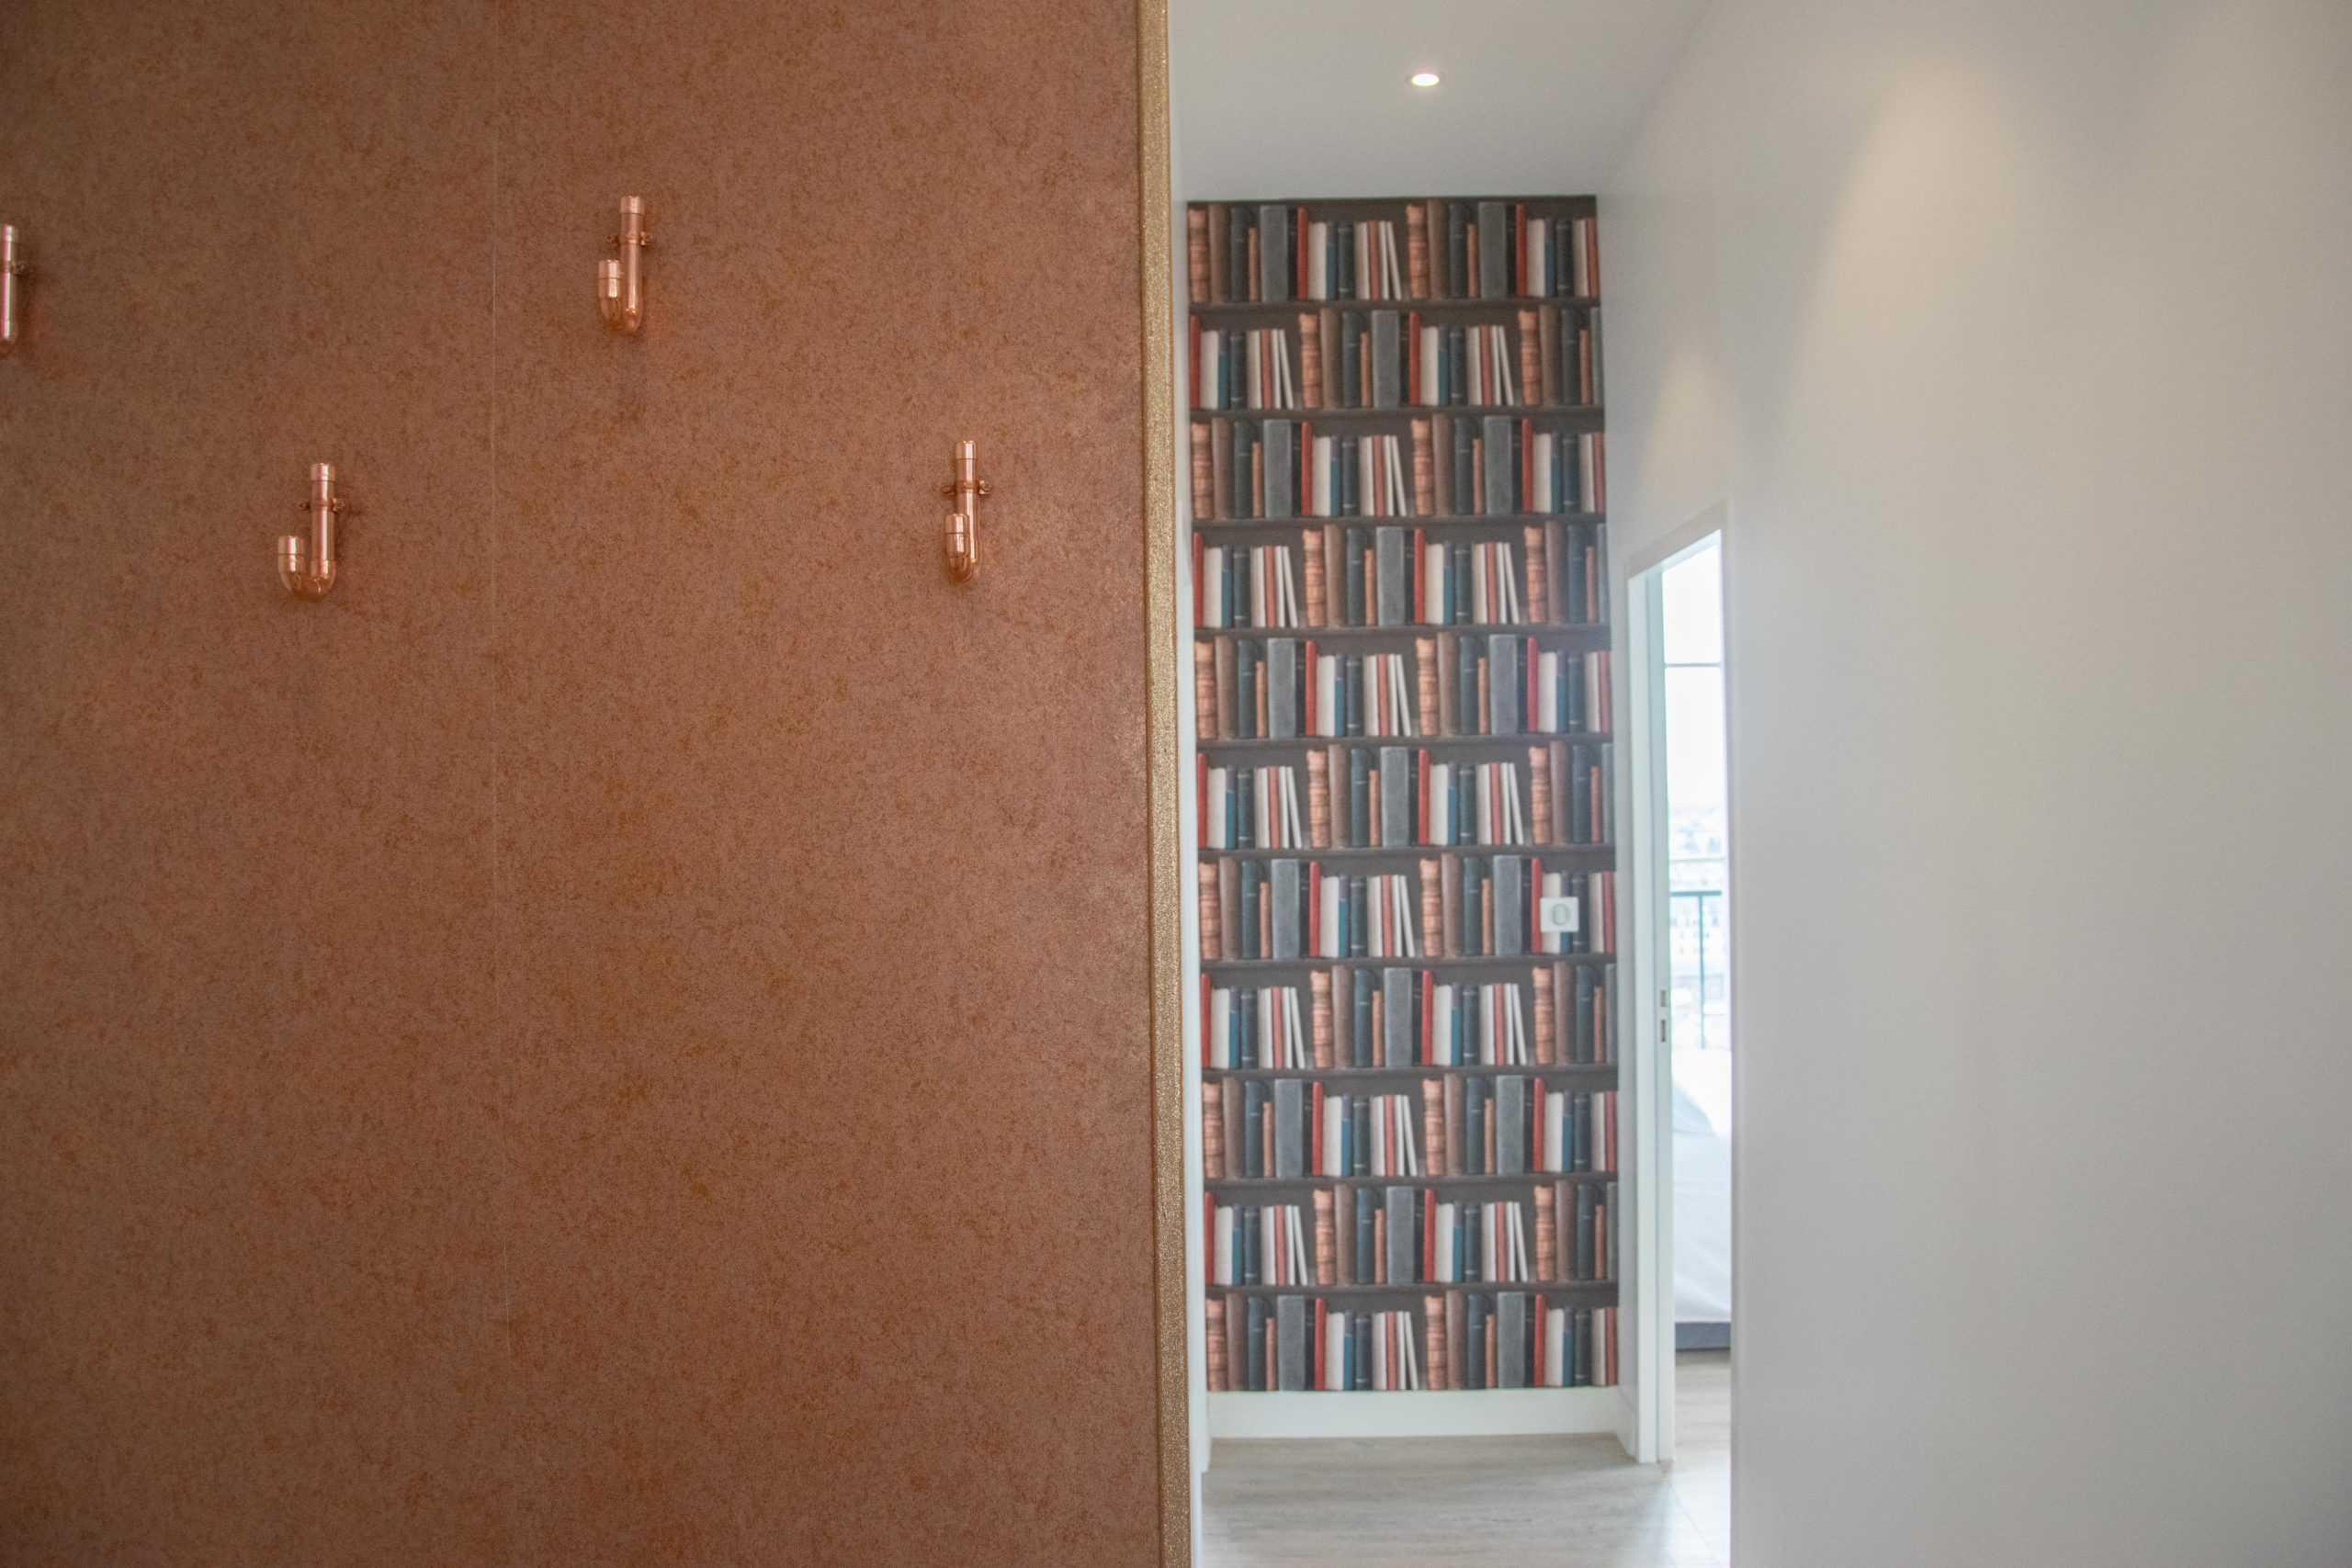 appartement_15eme_droite_tour_perret_amiens_tourisme_entrée